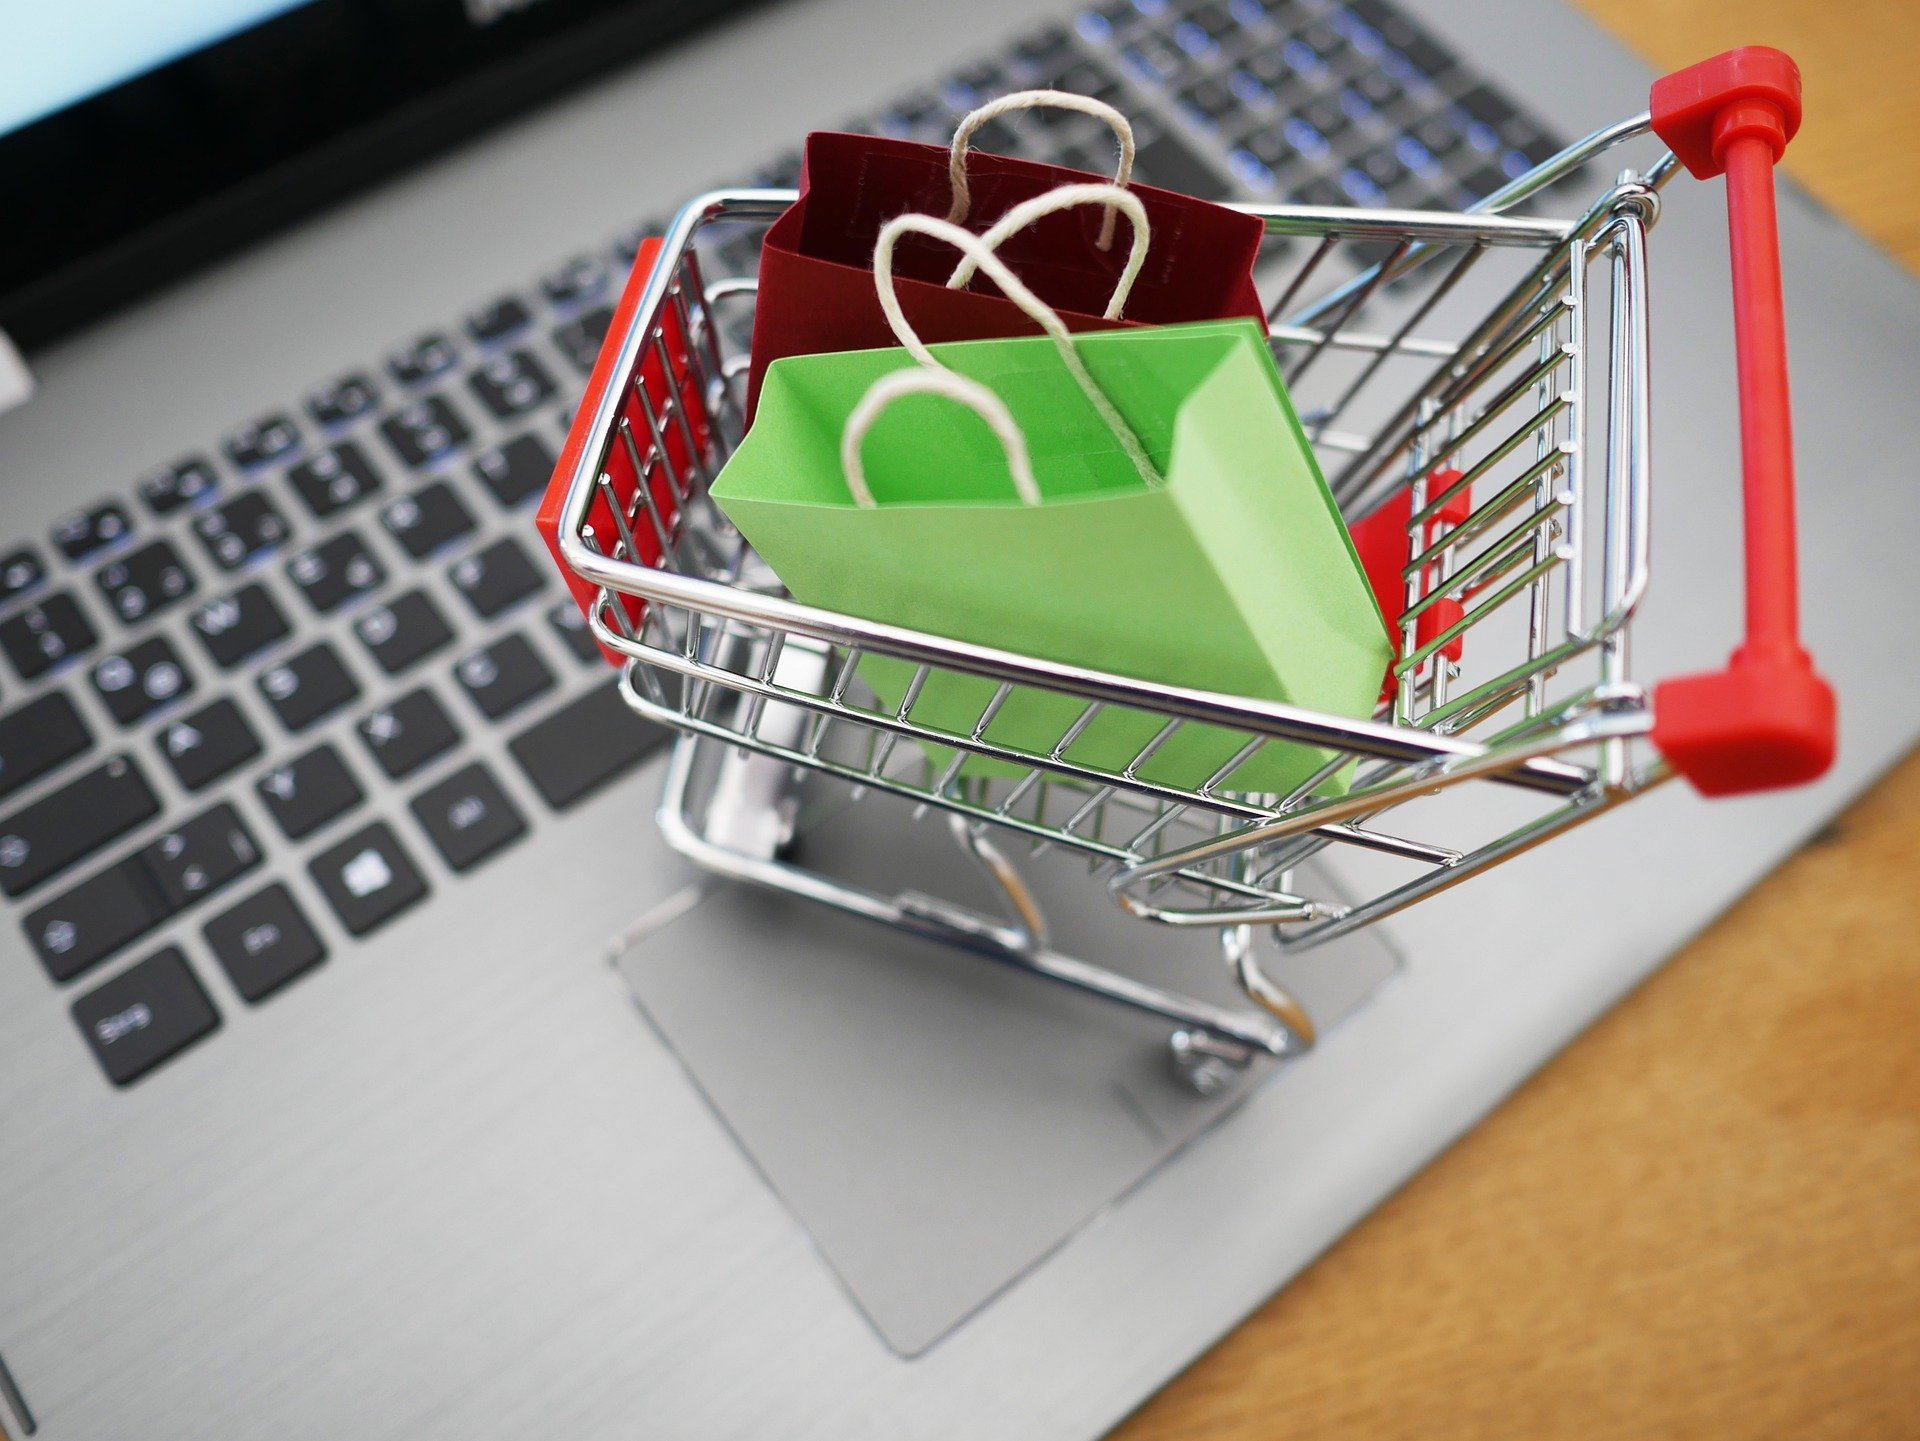 Goede voornemens bij online bestellen? Laat je niet inpakken!